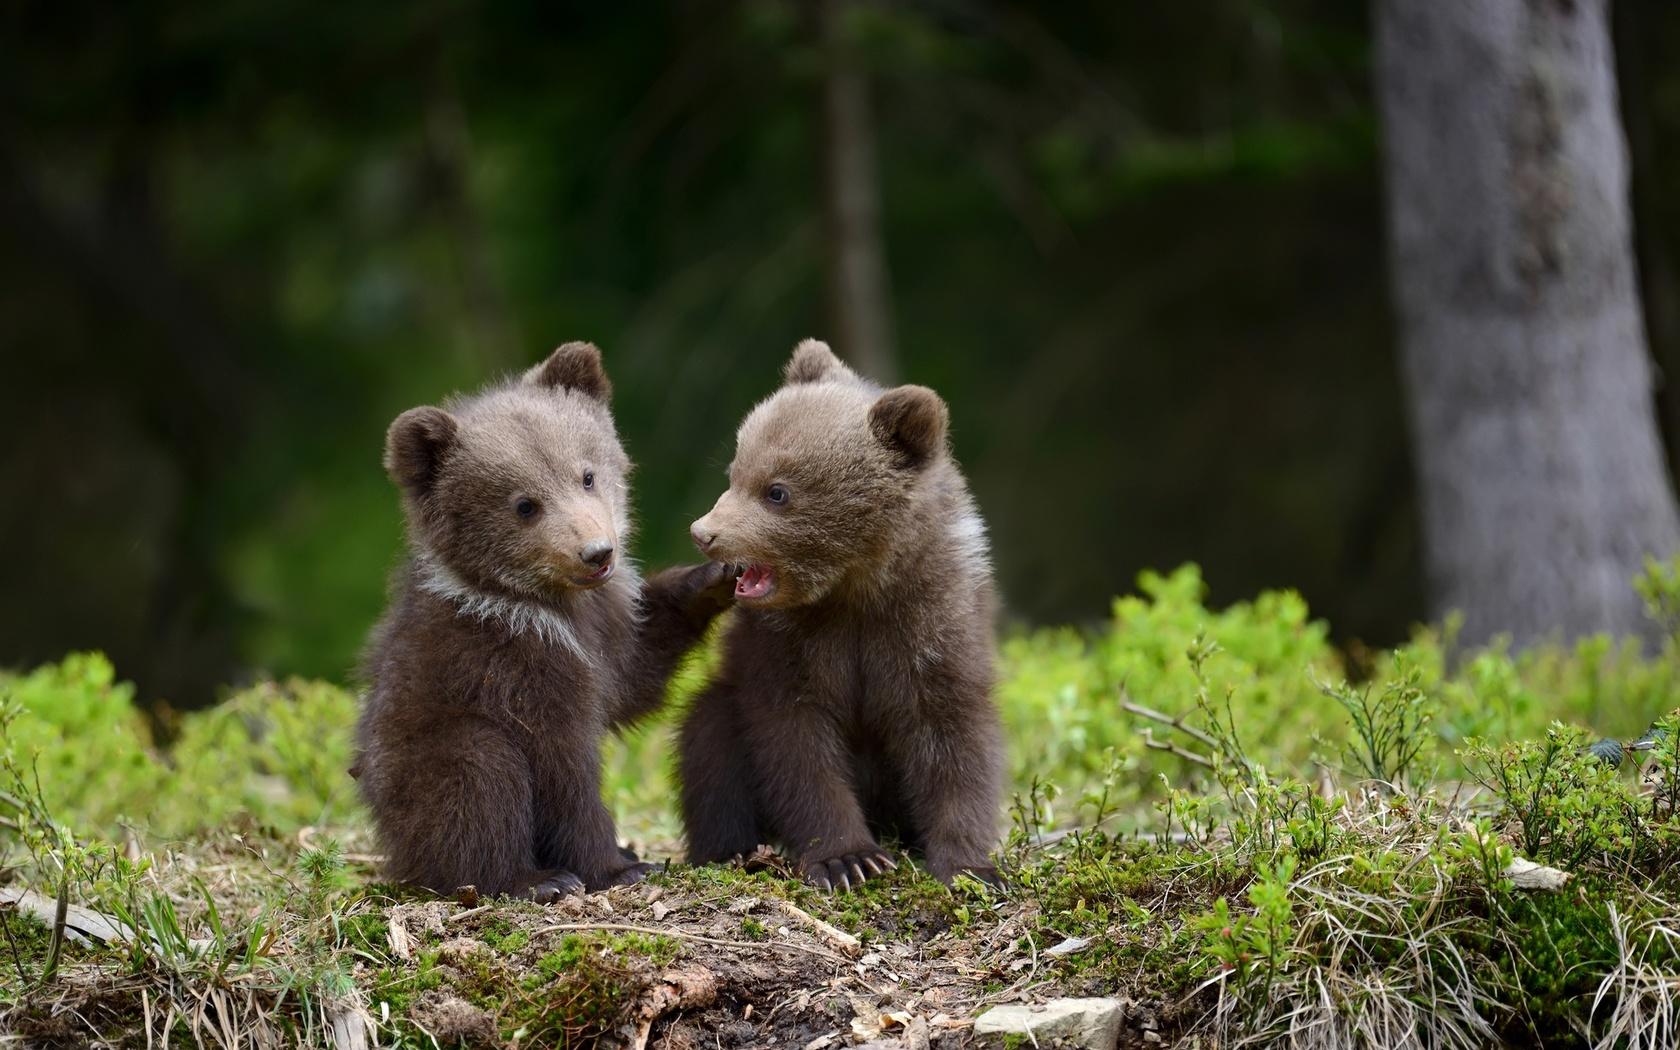 животные, хищники, медвежата, детёныши, пара, природа